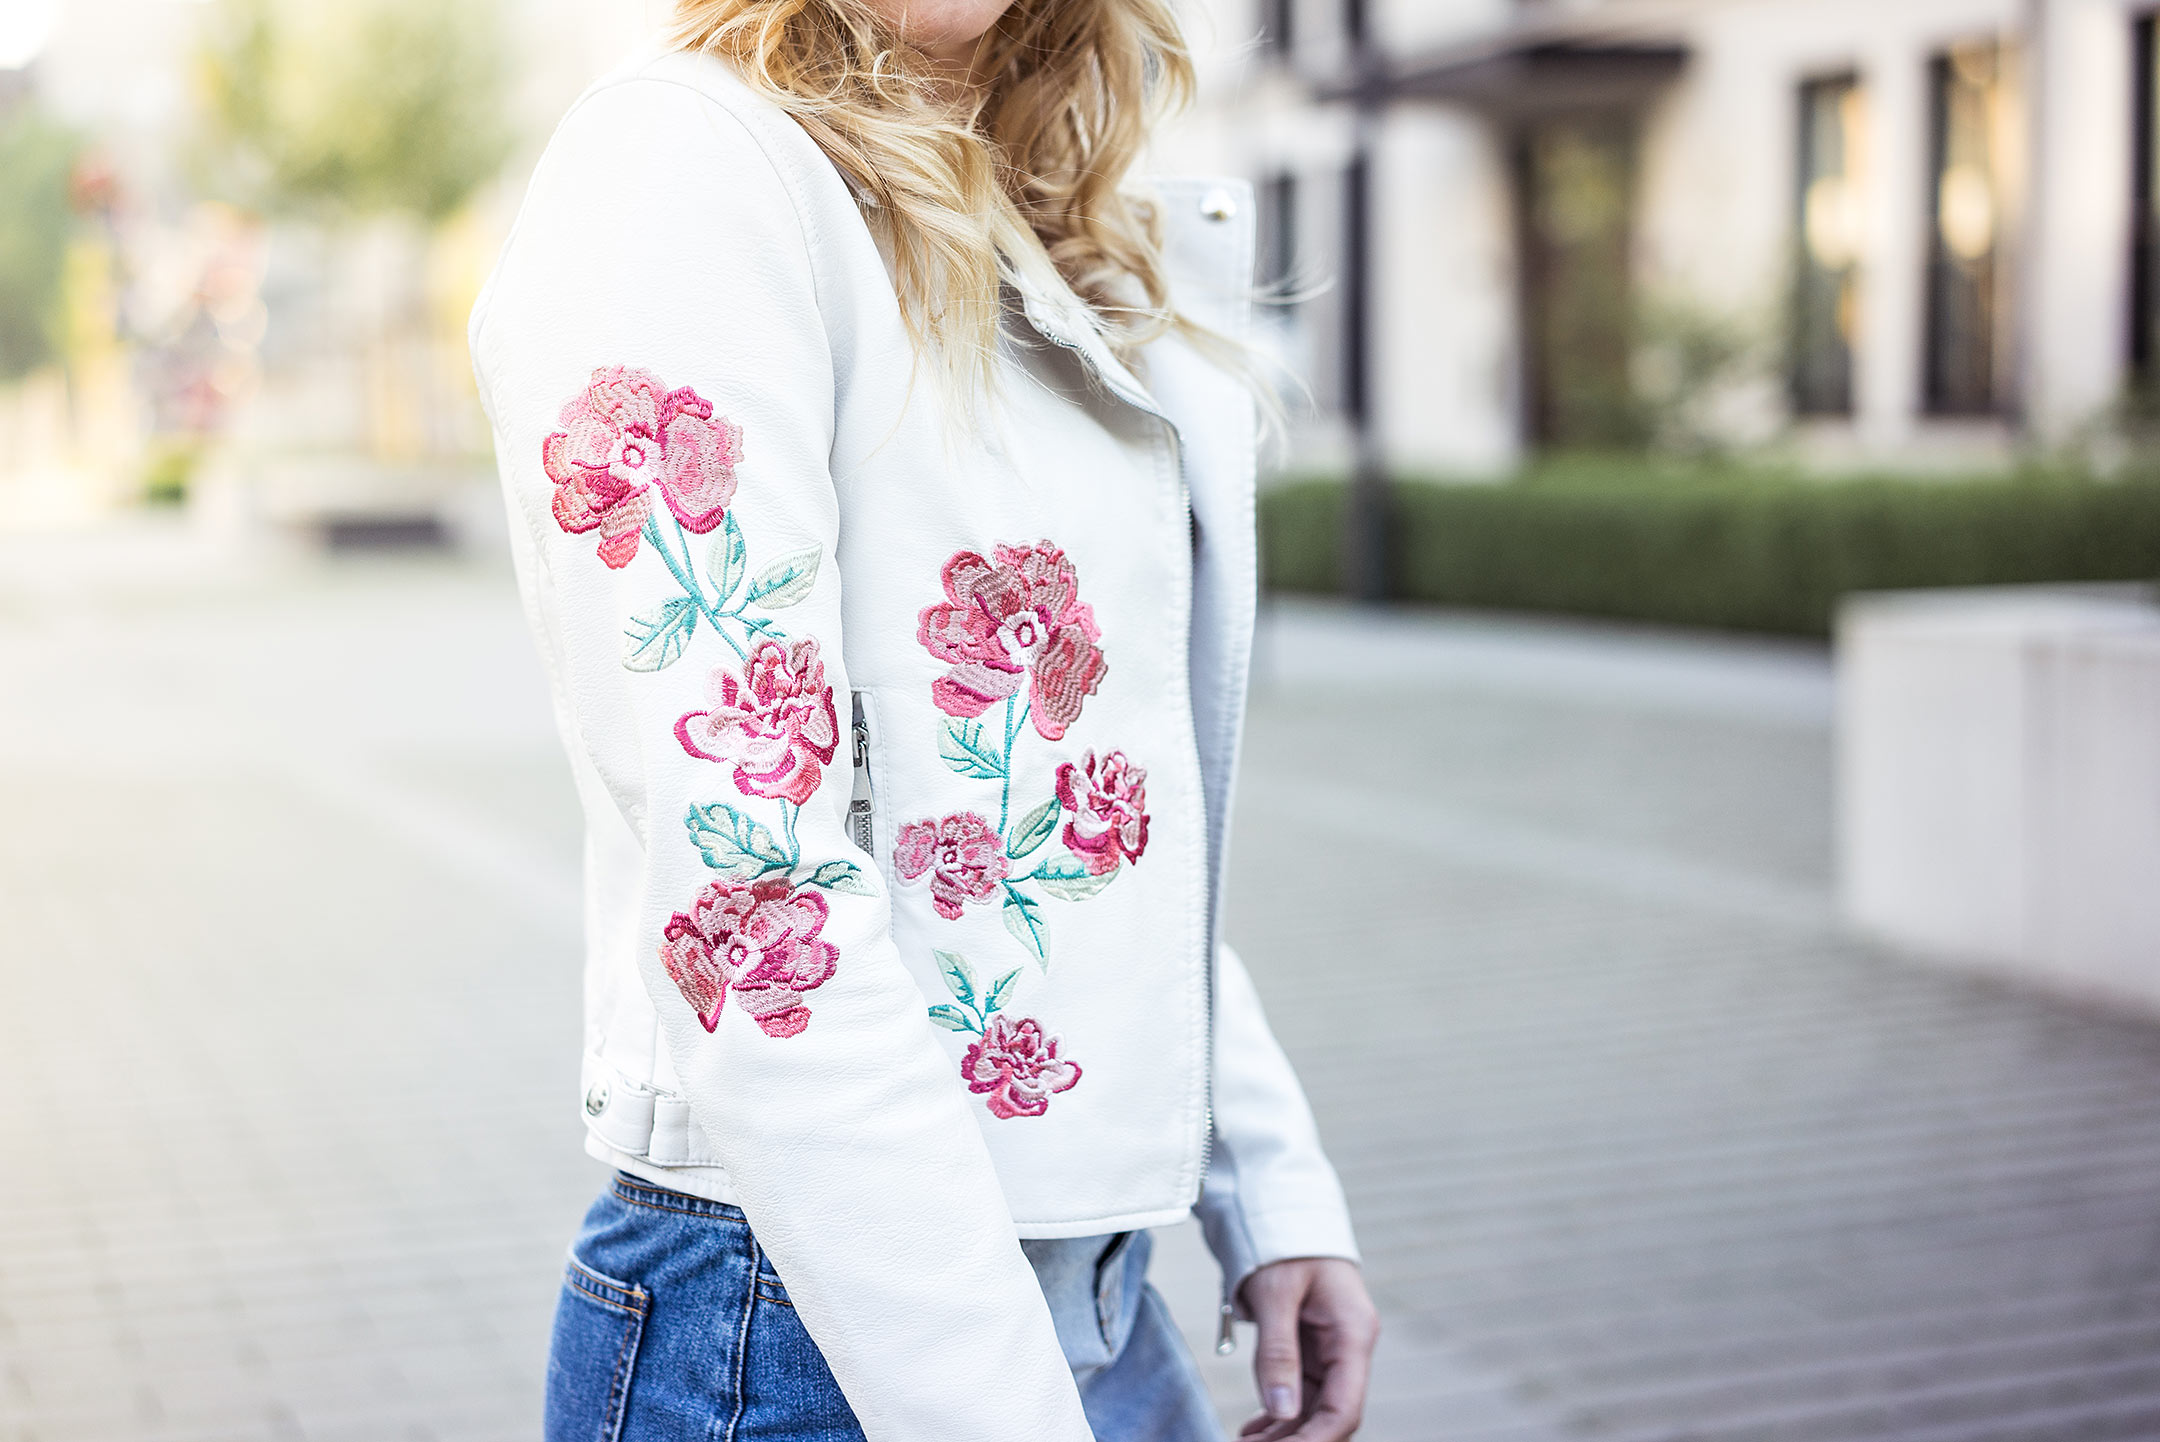 Lederjacke weiß Blumenstickerei Sunnyinga Modeblog